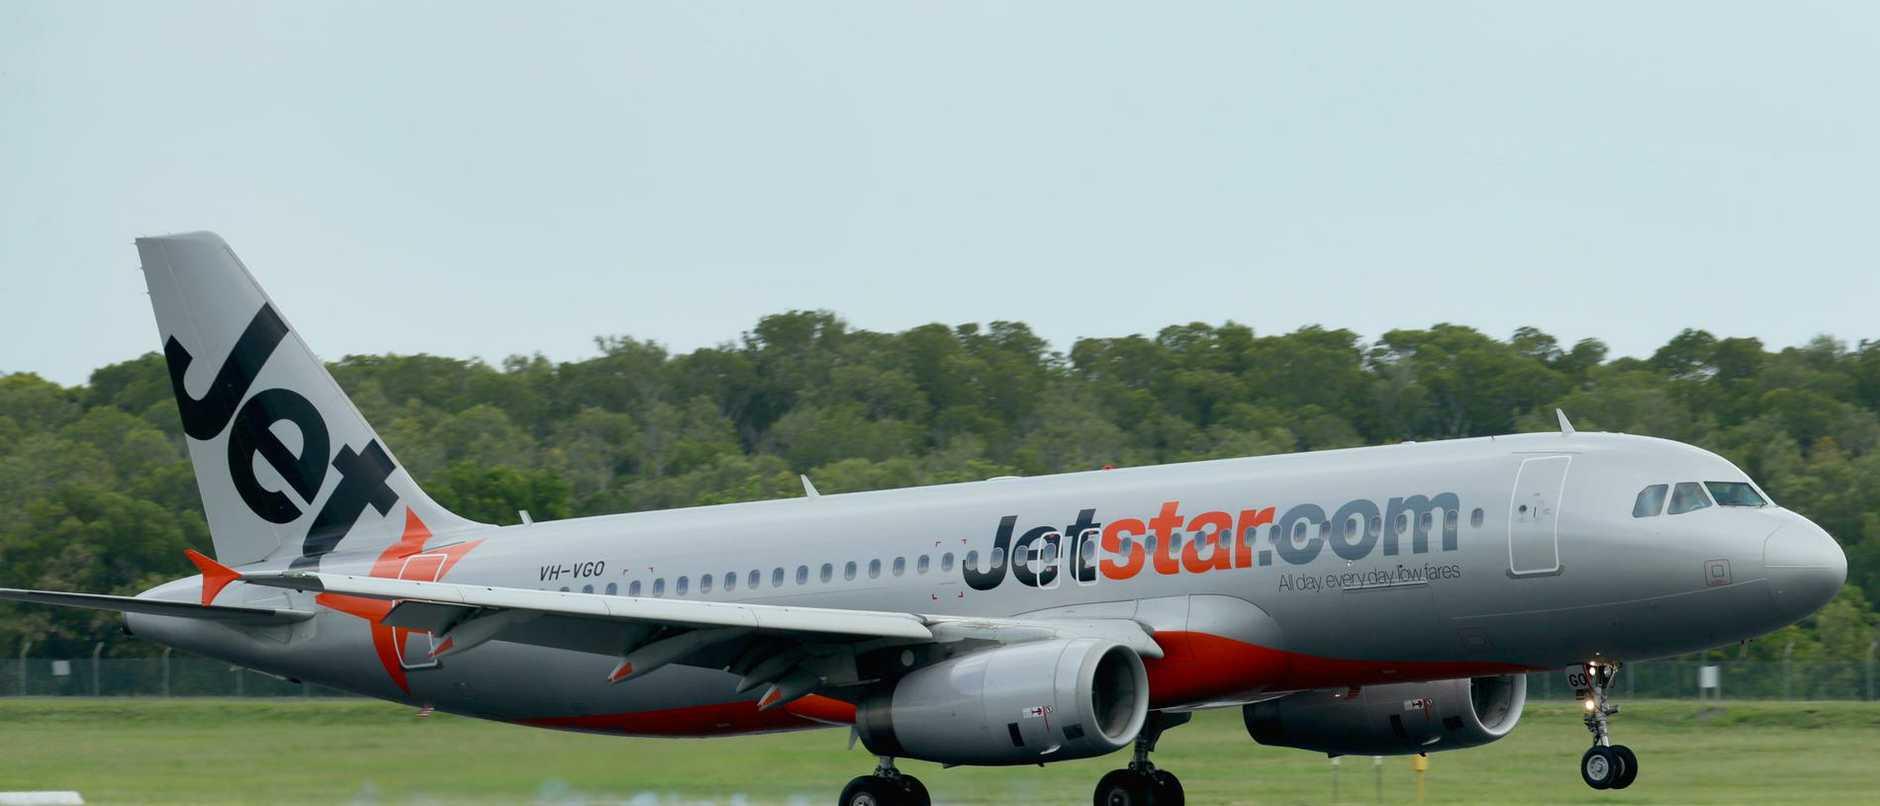 Aircraft at Cairns Airport